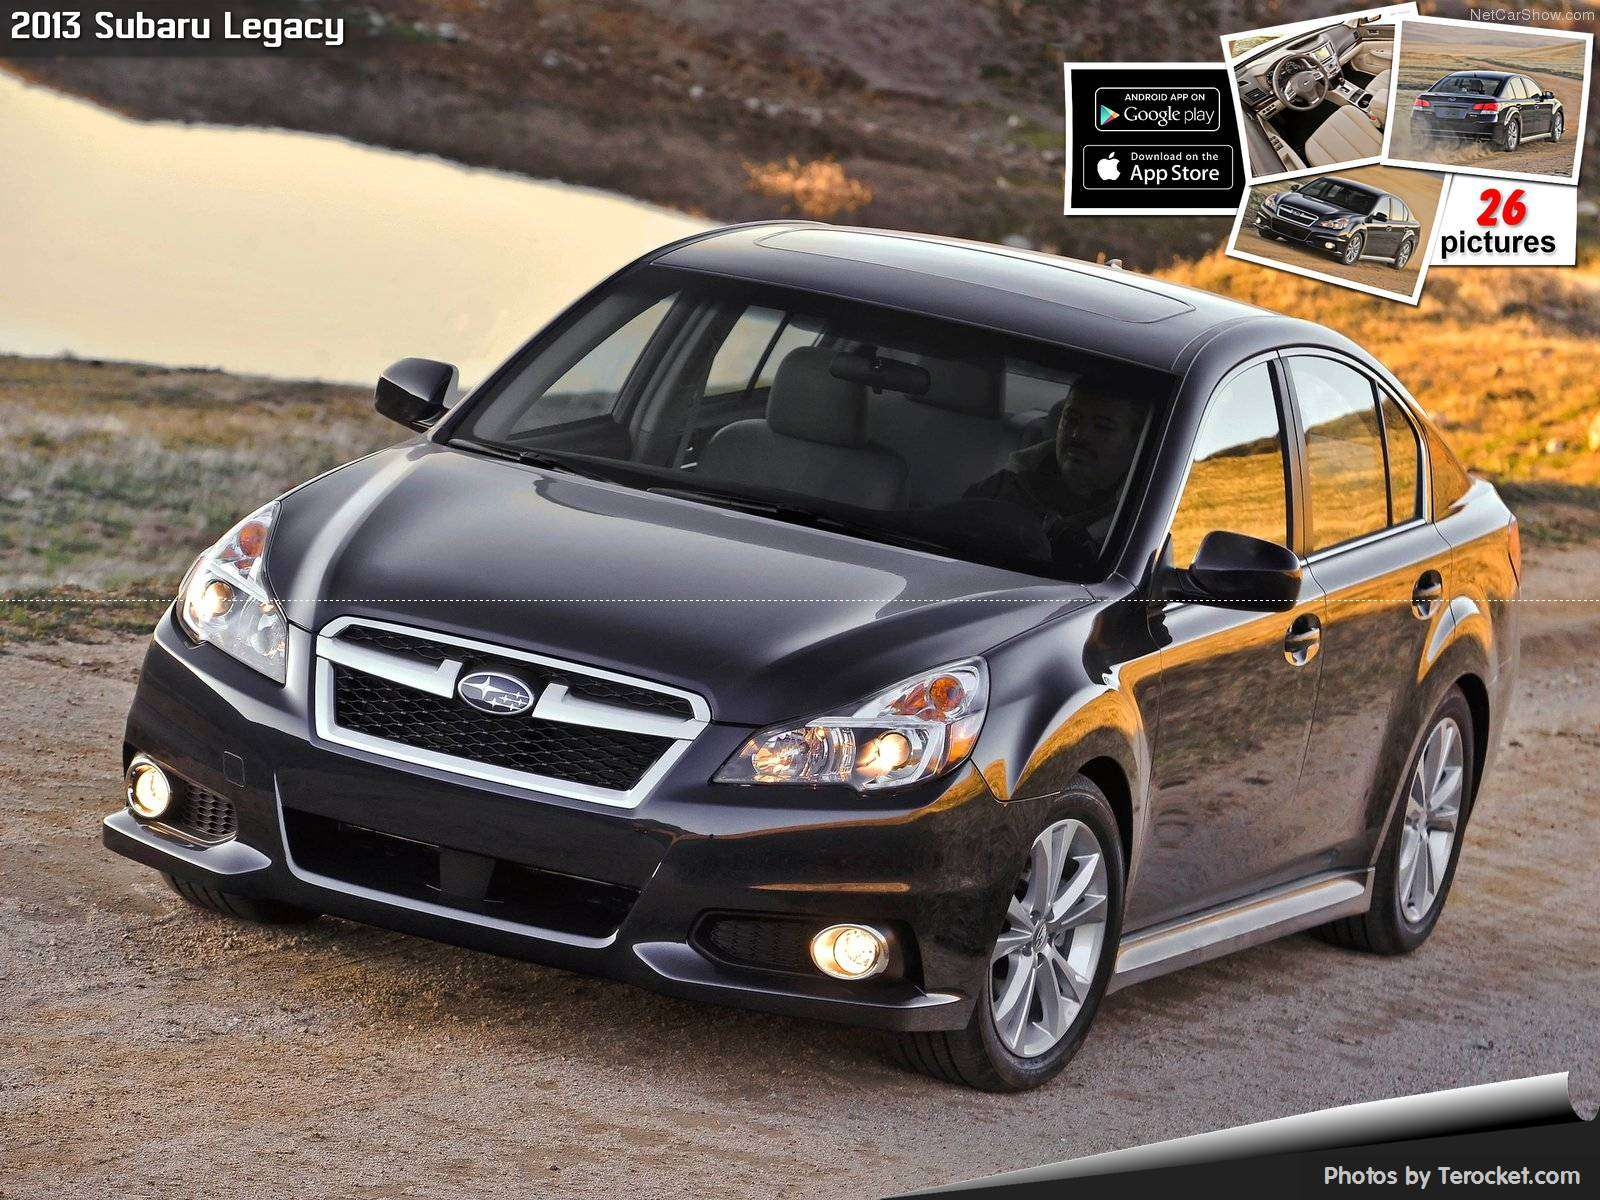 Hình ảnh xe ô tô Subaru Legacy 2013 & nội ngoại thất